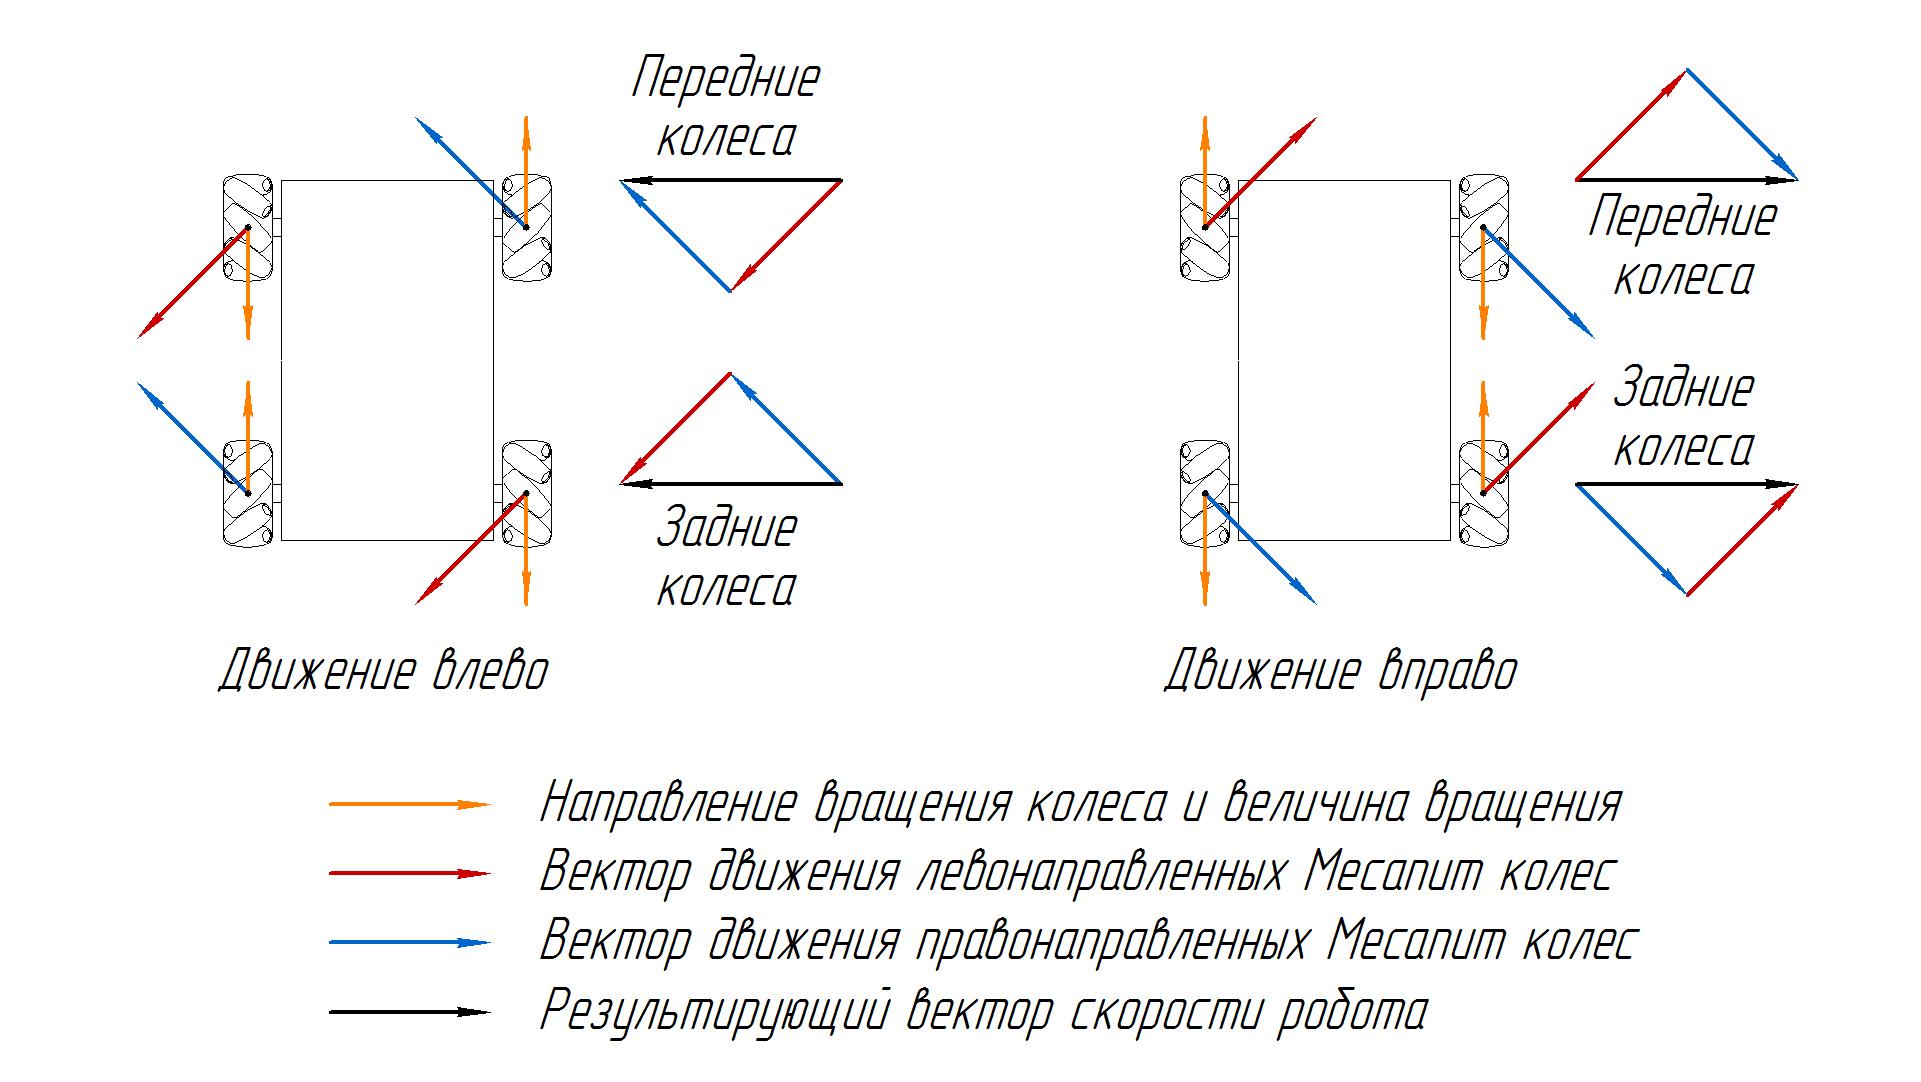 part_1_ru_robot_drive_6_scheme_2.png